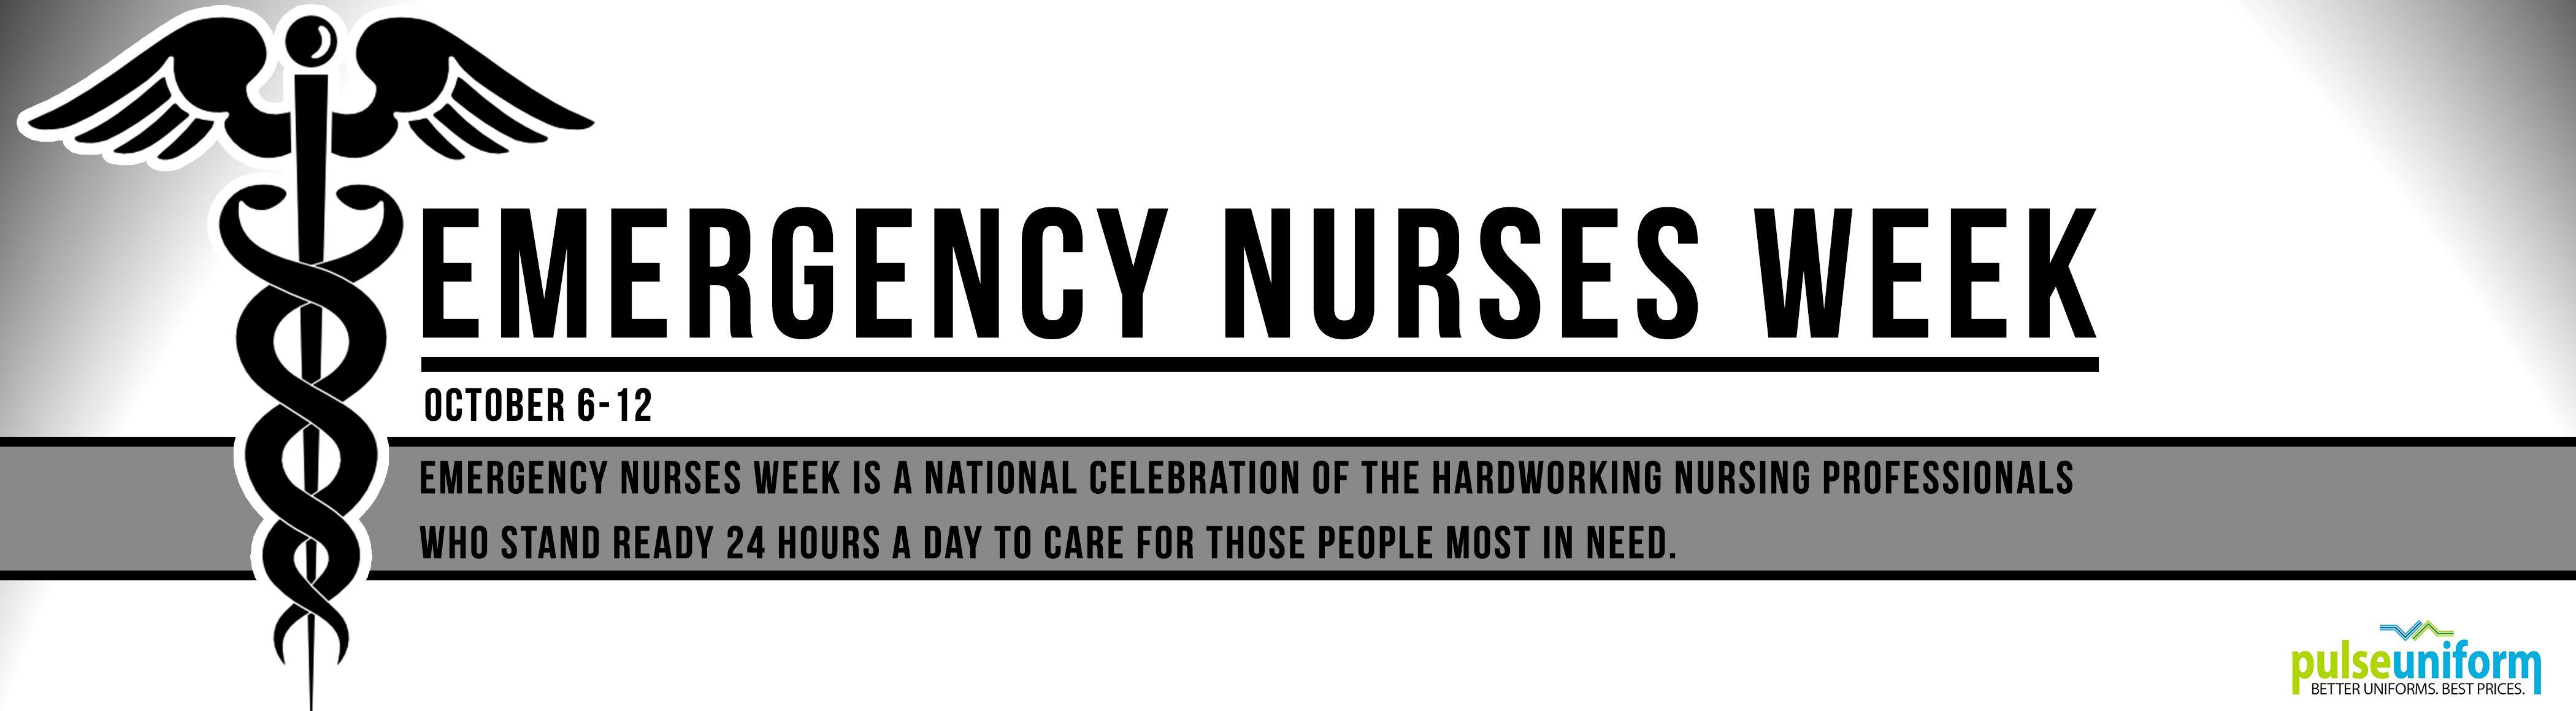 Nett Fortsetzen Vorlagen Für Registrierte Krankenschwestern Fotos ...